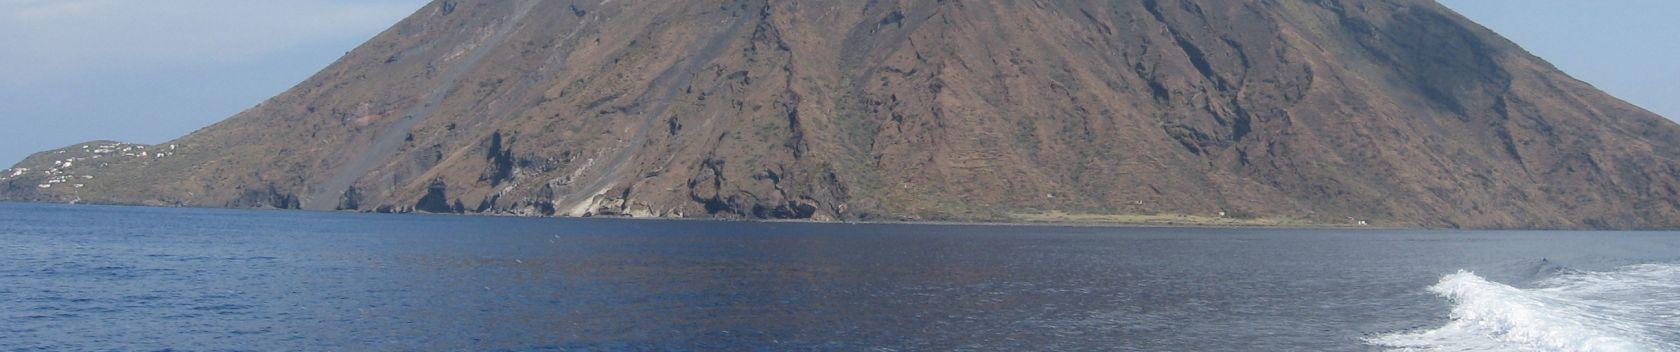 Viaggio di cultura e natura alle Isole Eolie -7 ISOLE IN 7 GIORNI